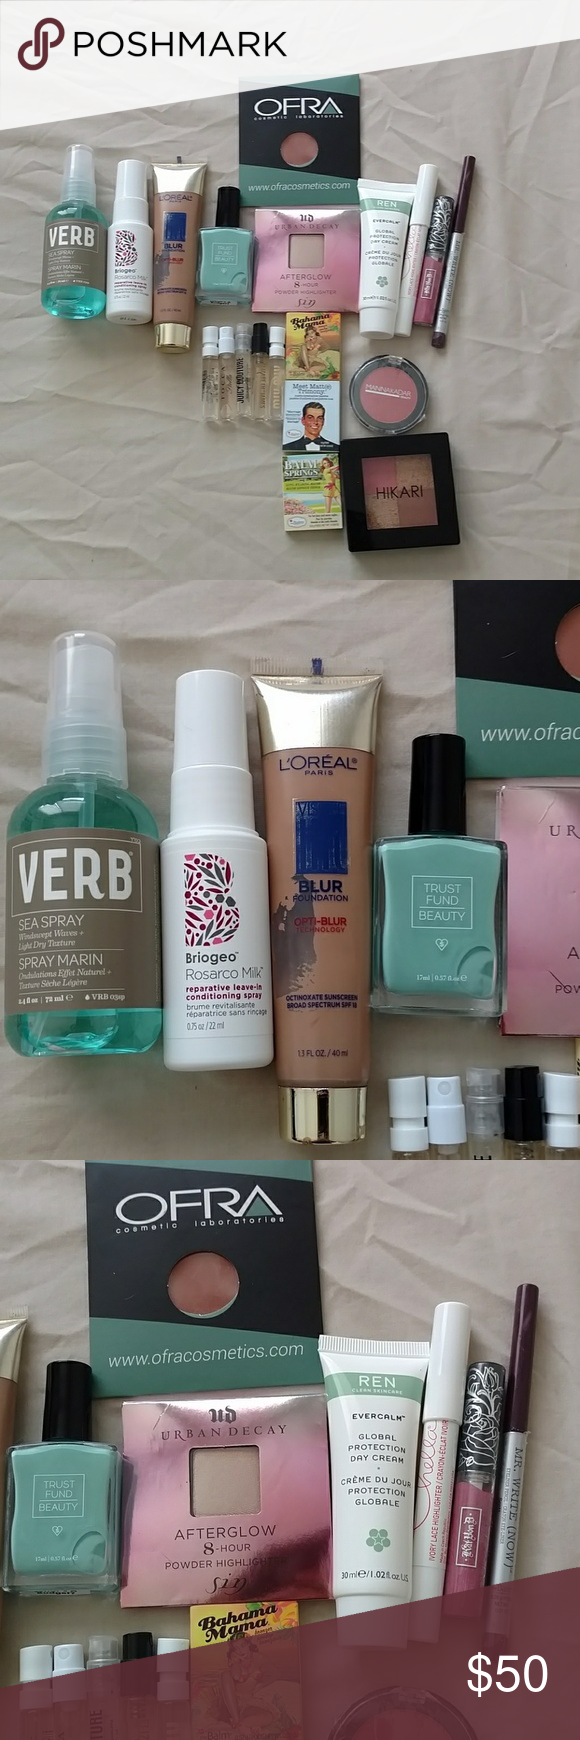 HUGE makeup hair & skin lot! High end brands including